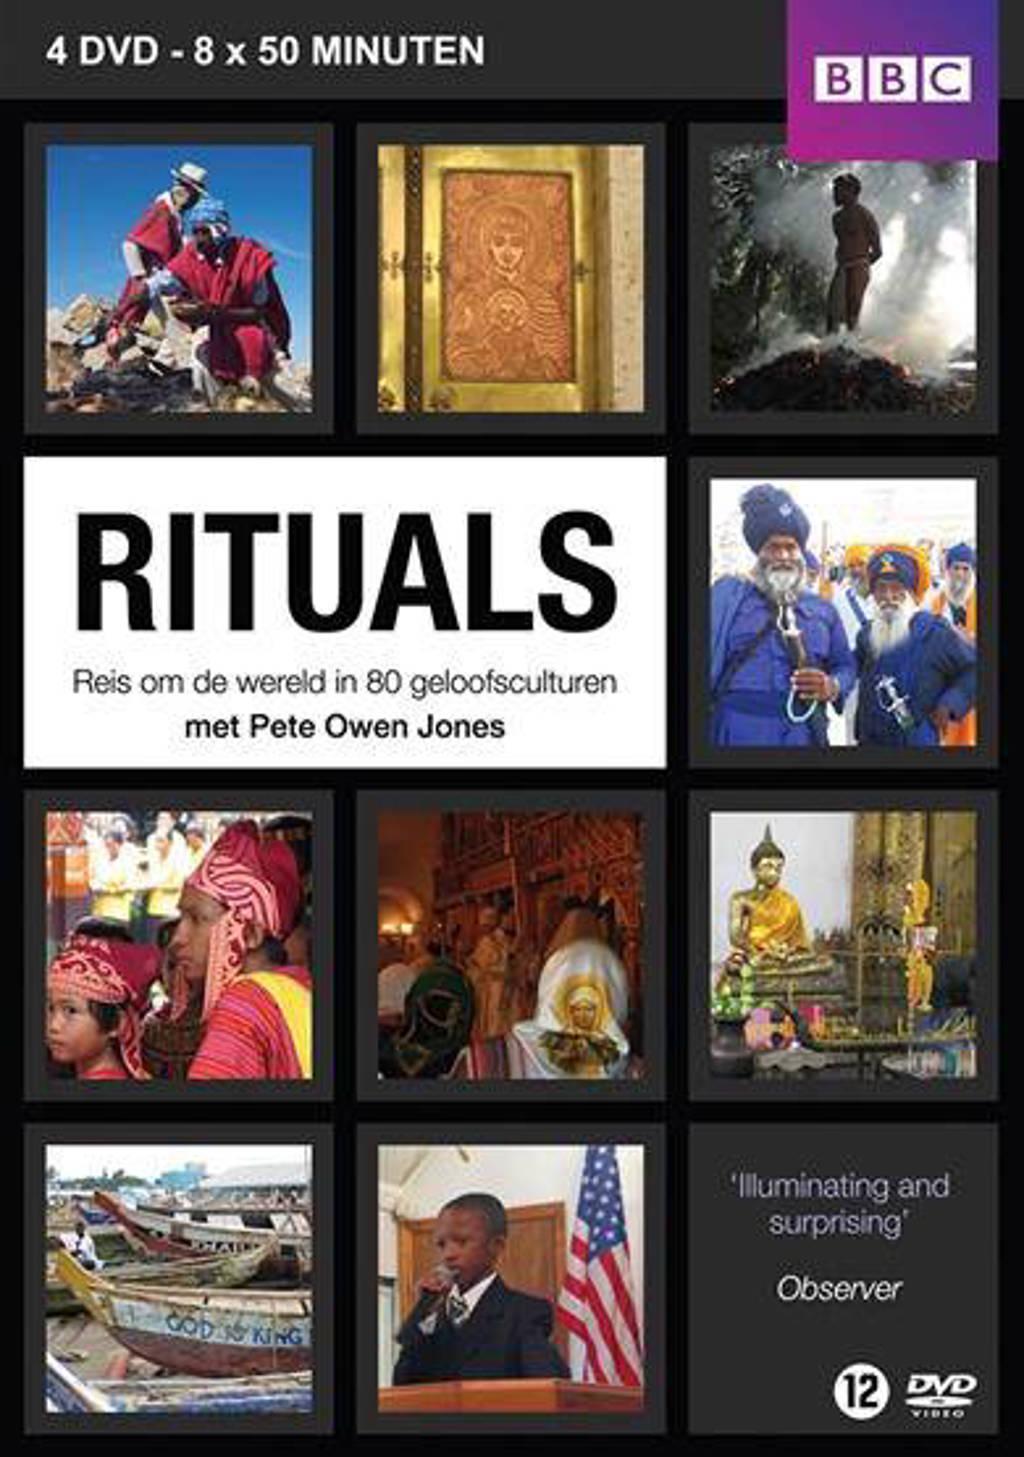 Rituals - Een reis om de wereld in 80 geloofsculturen (DVD)